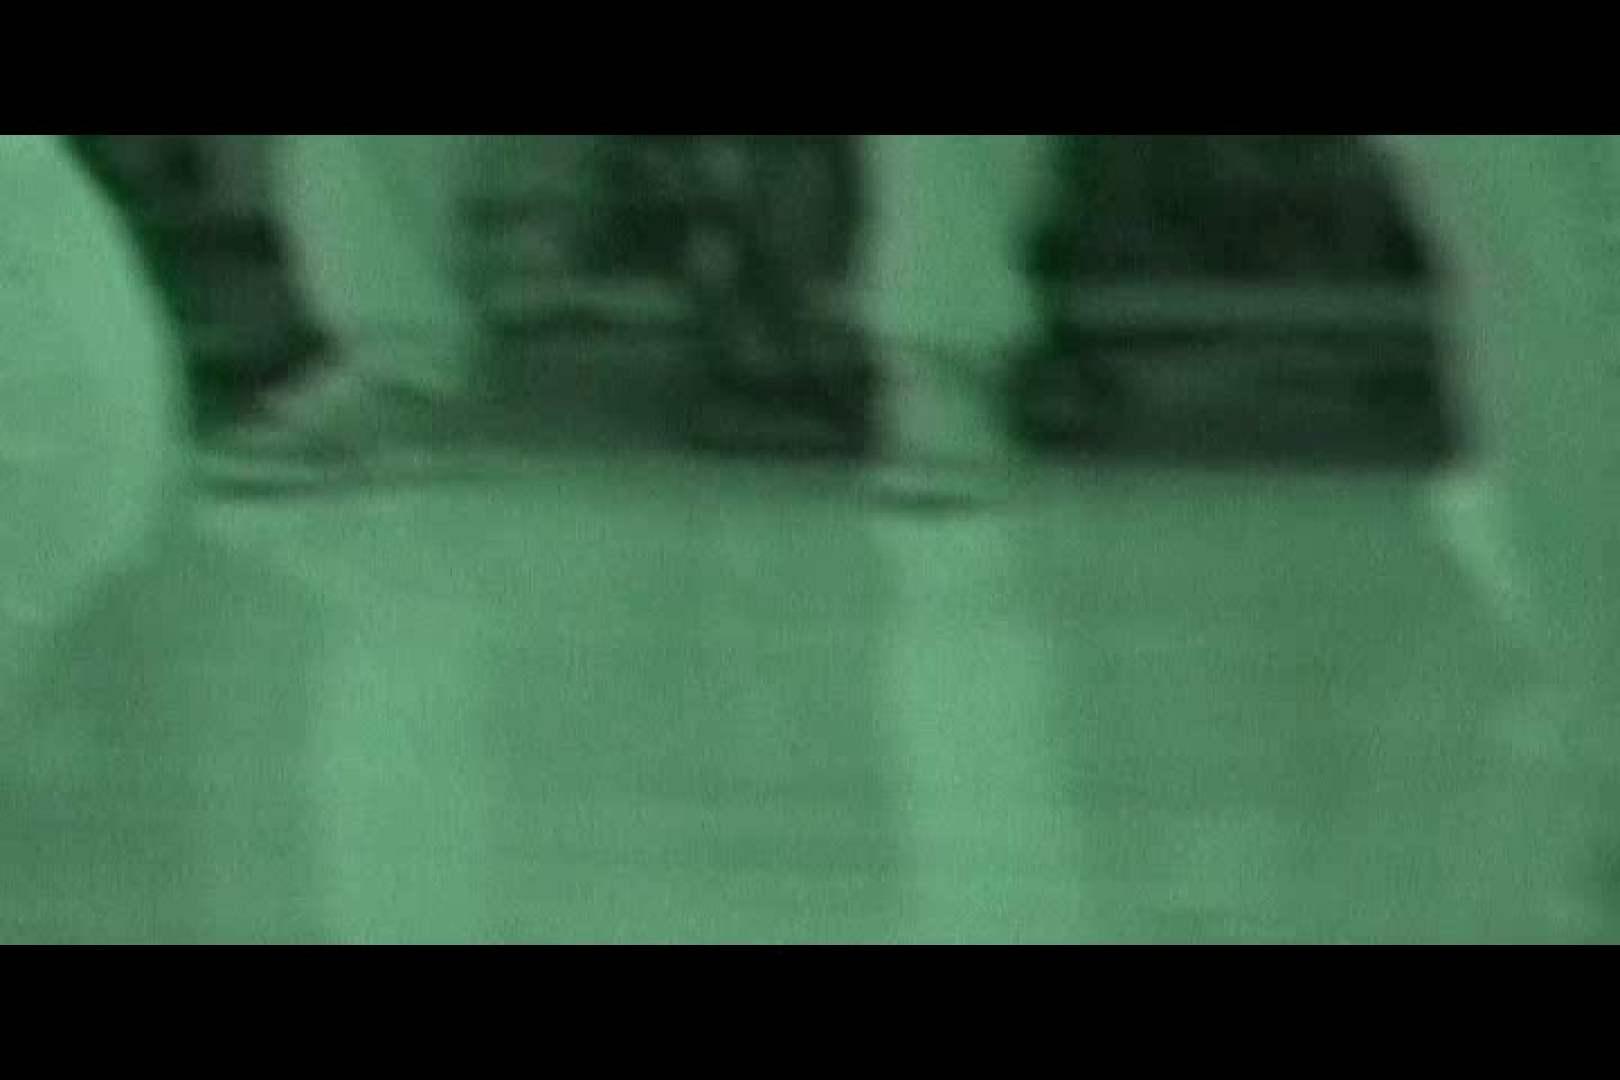 赤外線ムレスケバレー(汗) vol.16 赤外線 | アスリート  50画像 45